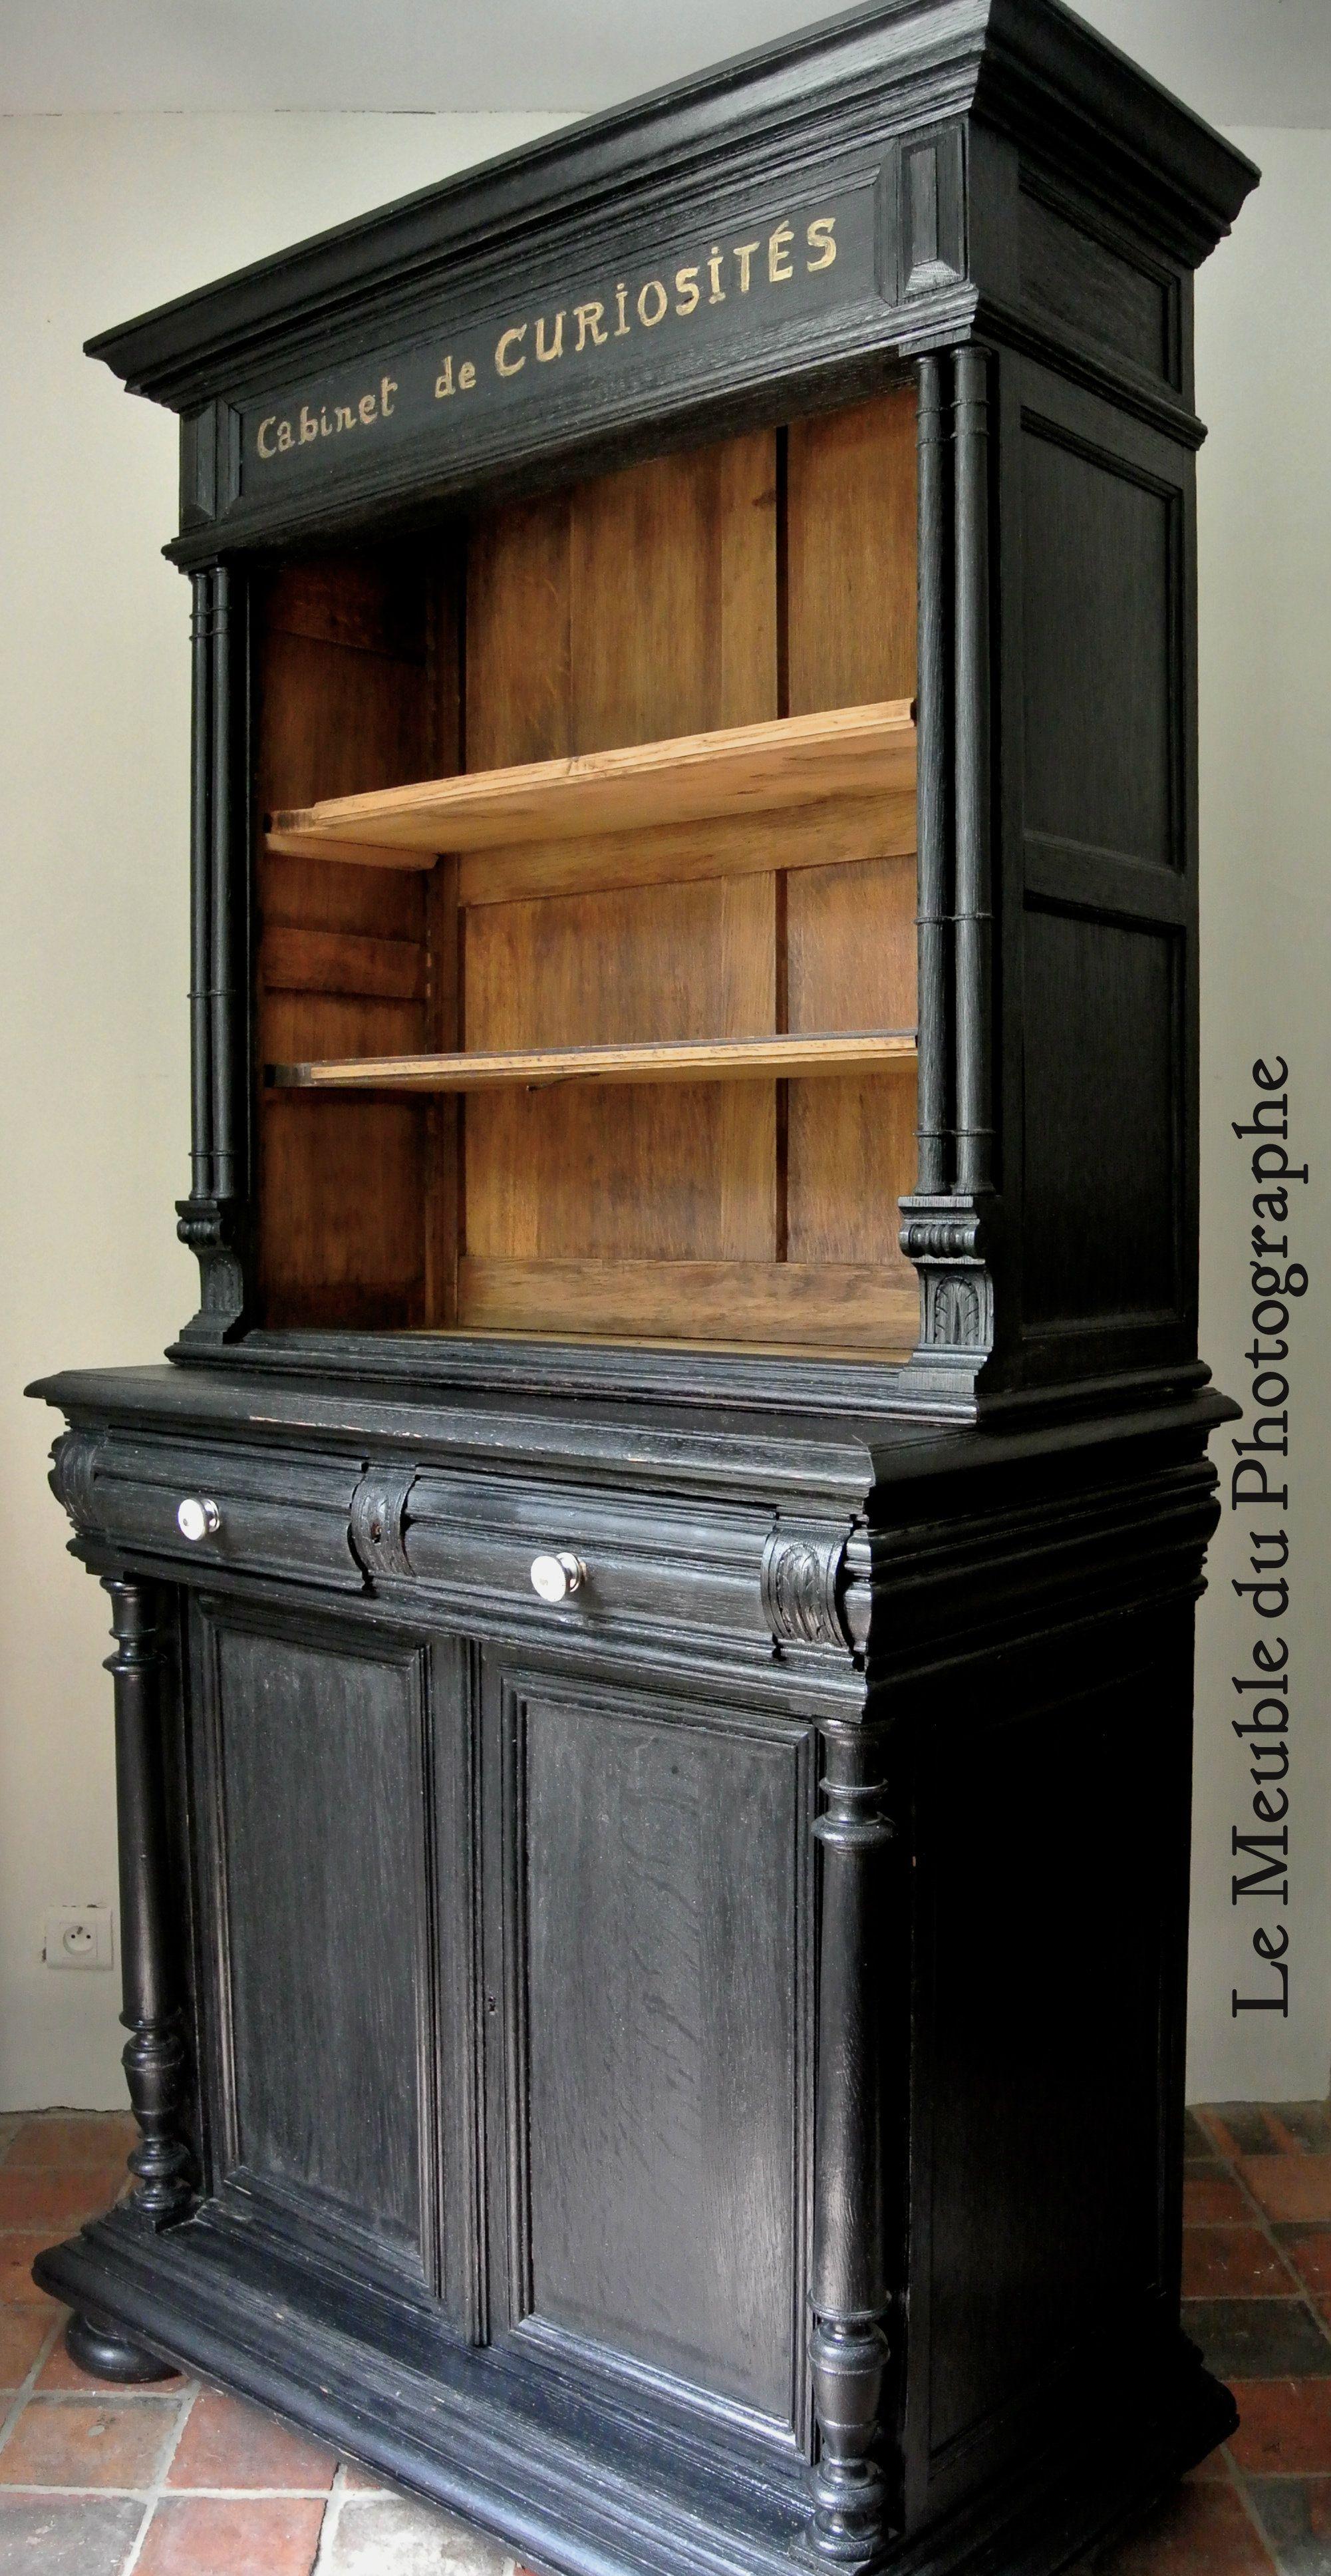 El gant cabinet de curiosit s en bois peint en noir chic avec lettres manuscrites dor es ce - Decirage d un meuble ...